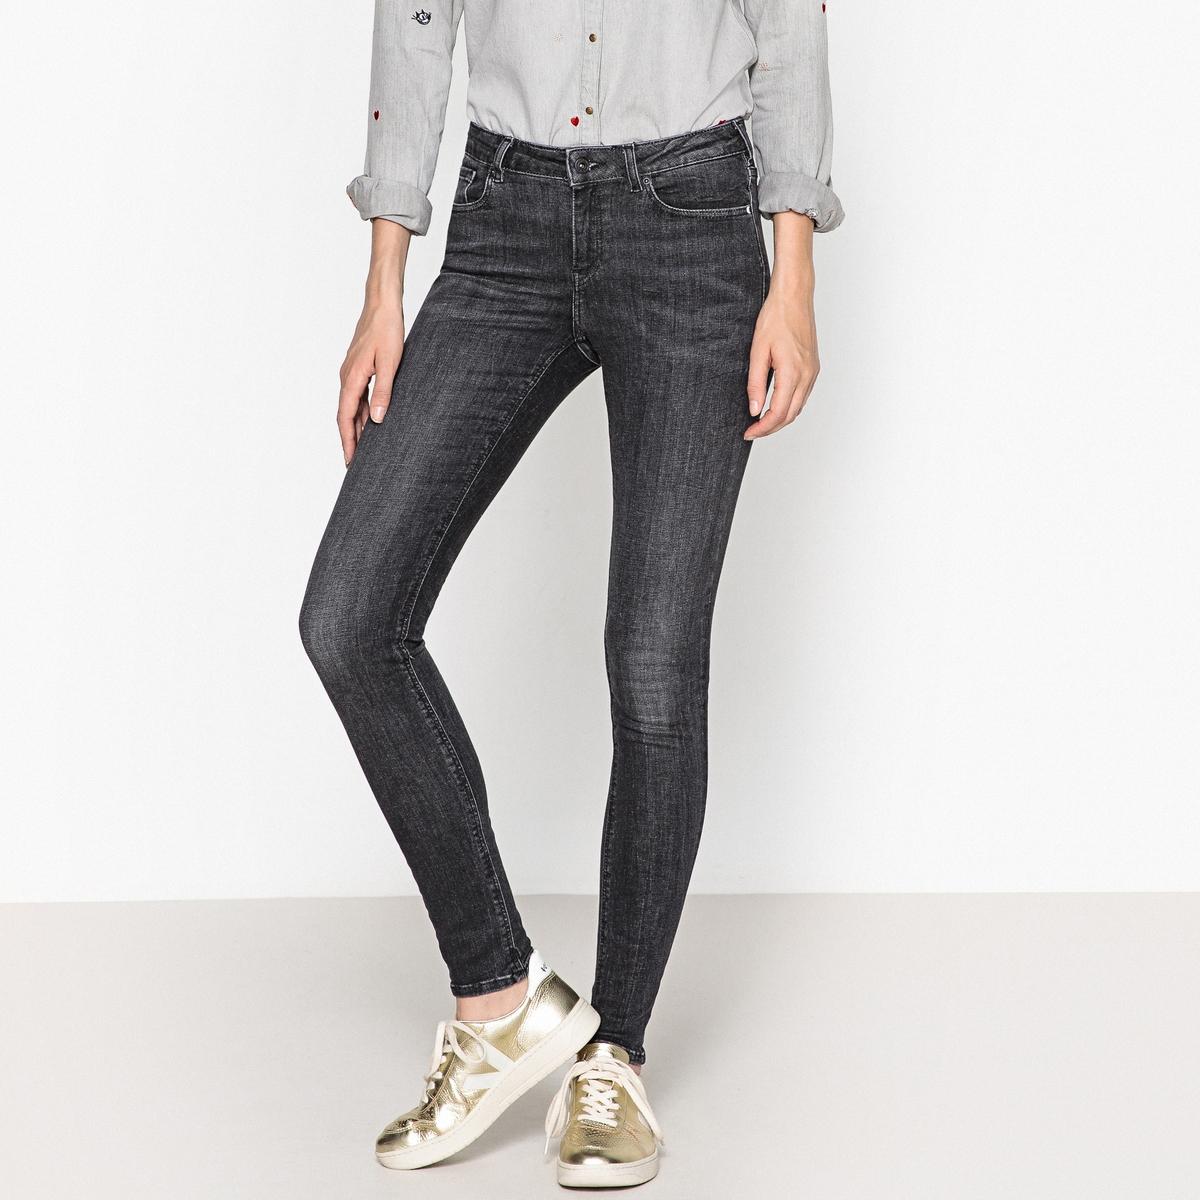 Джинсы скинни длина . 32 джинсы скинни 73 см